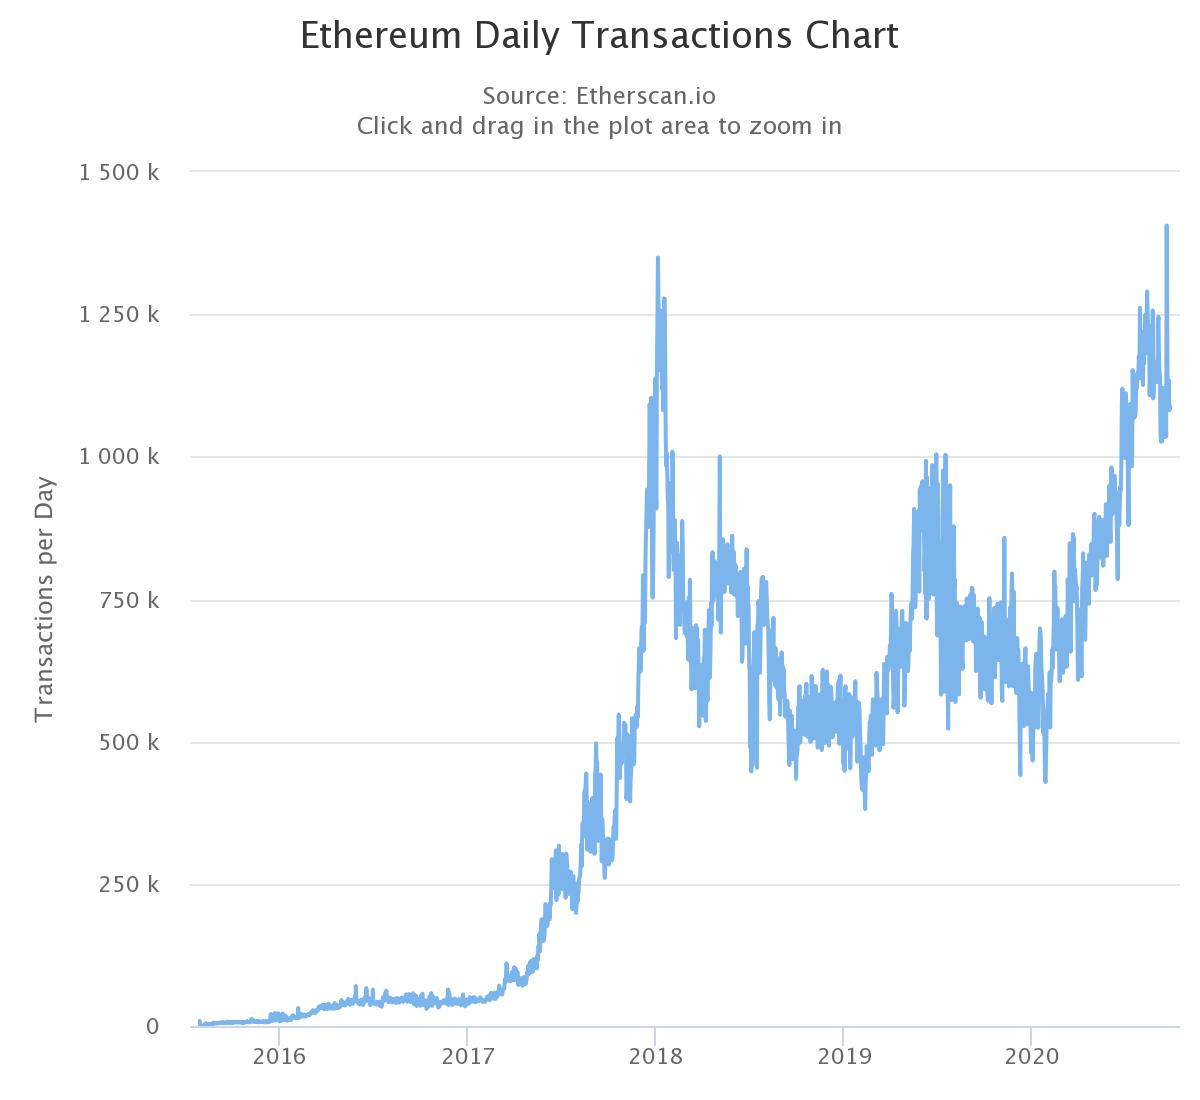 Эфириум превзошел биткоин по активности пользователей